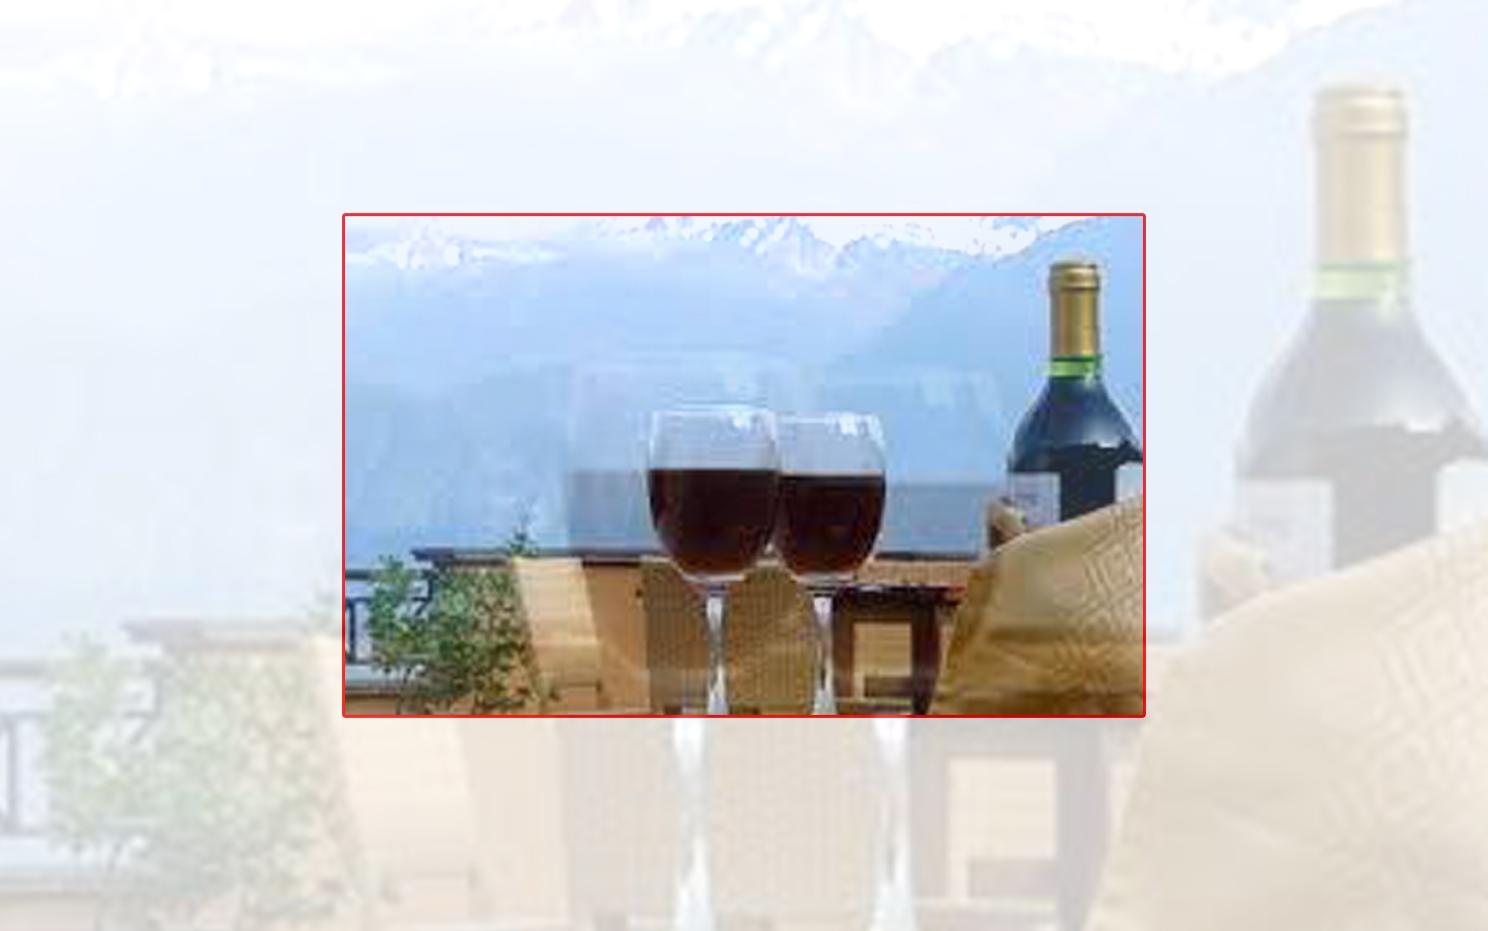 वाइन उद्योगहरू धरासायी